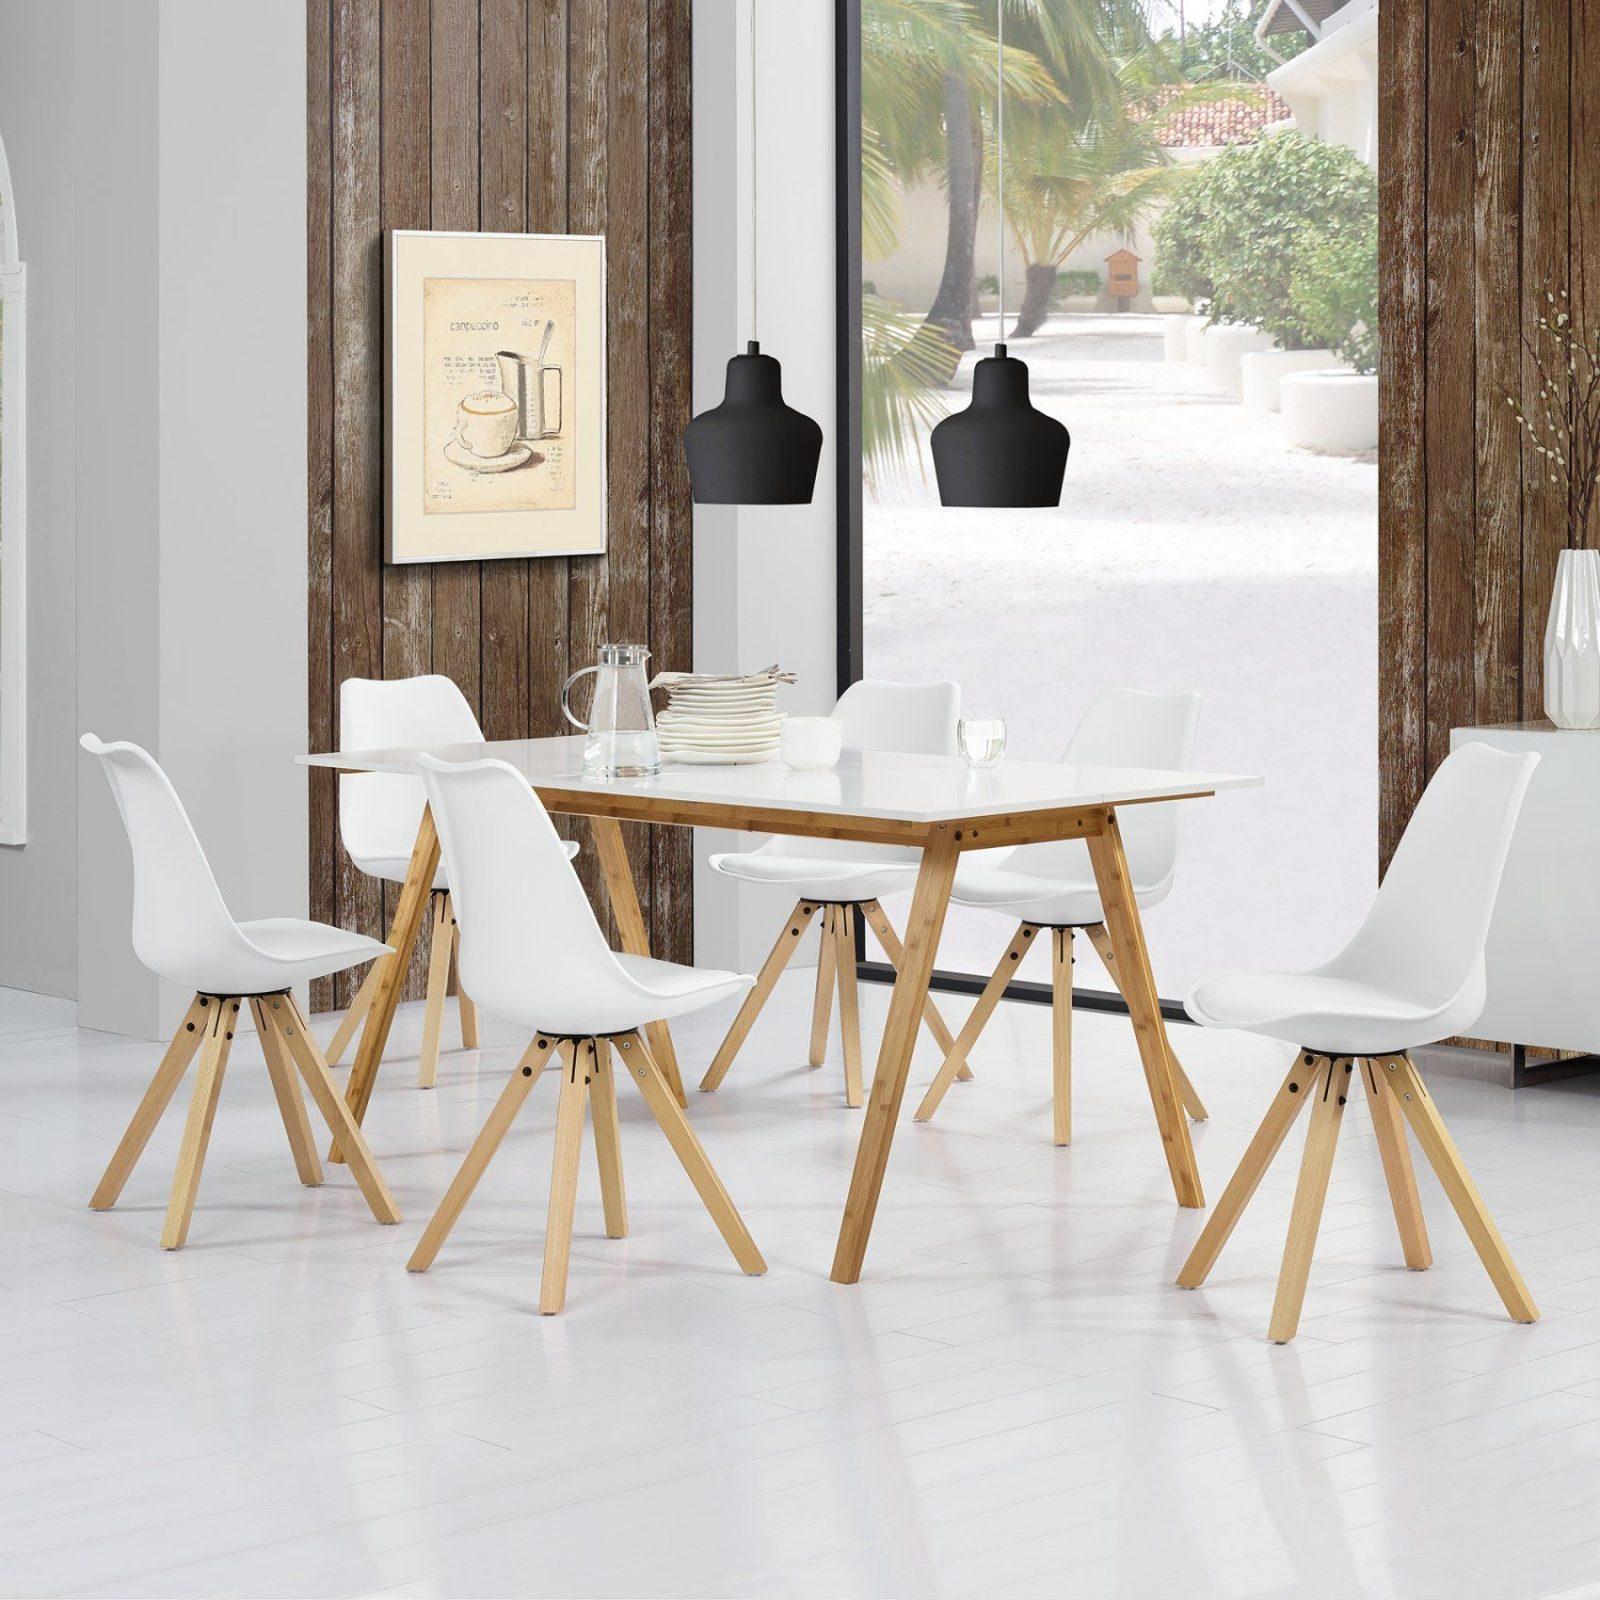 Encasa]® Esstisch Bambus Mit 6 Stühlen Gepolstert Weiß Tisch von Tisch Und Stühle Für Küche Bild